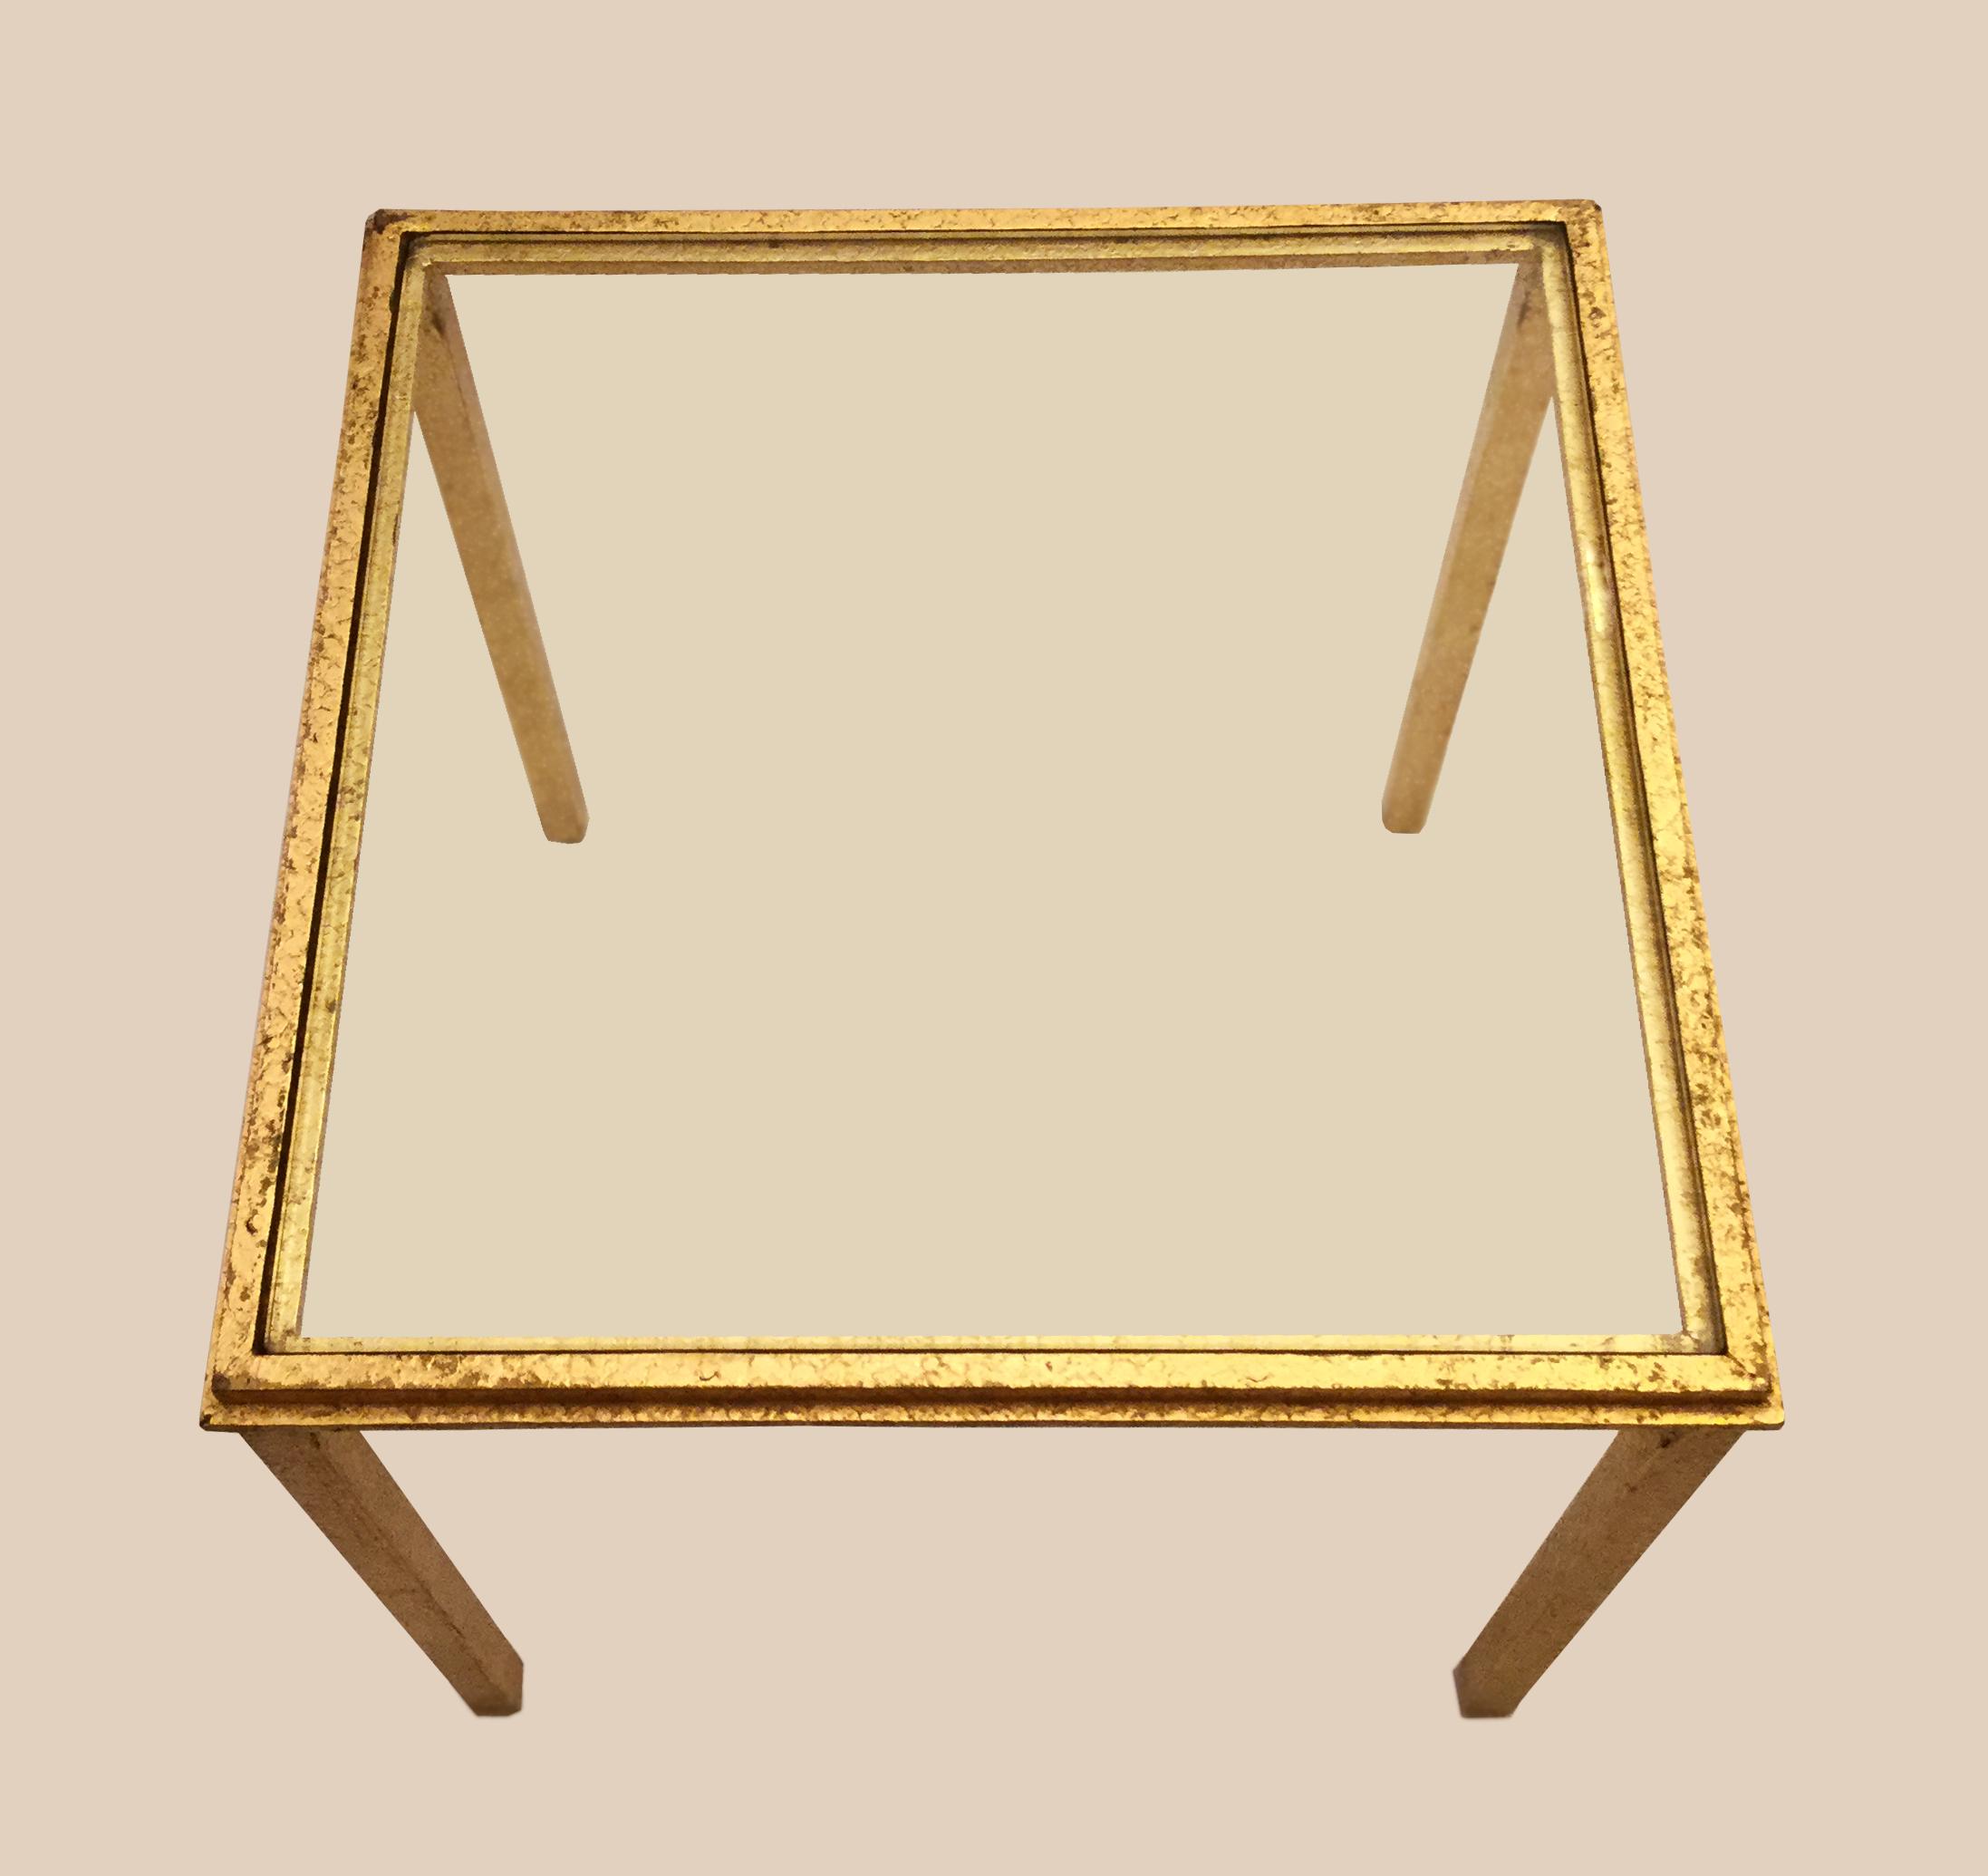 Table Basse En Verre Et Laiton Doré Galerie Yvan Royer